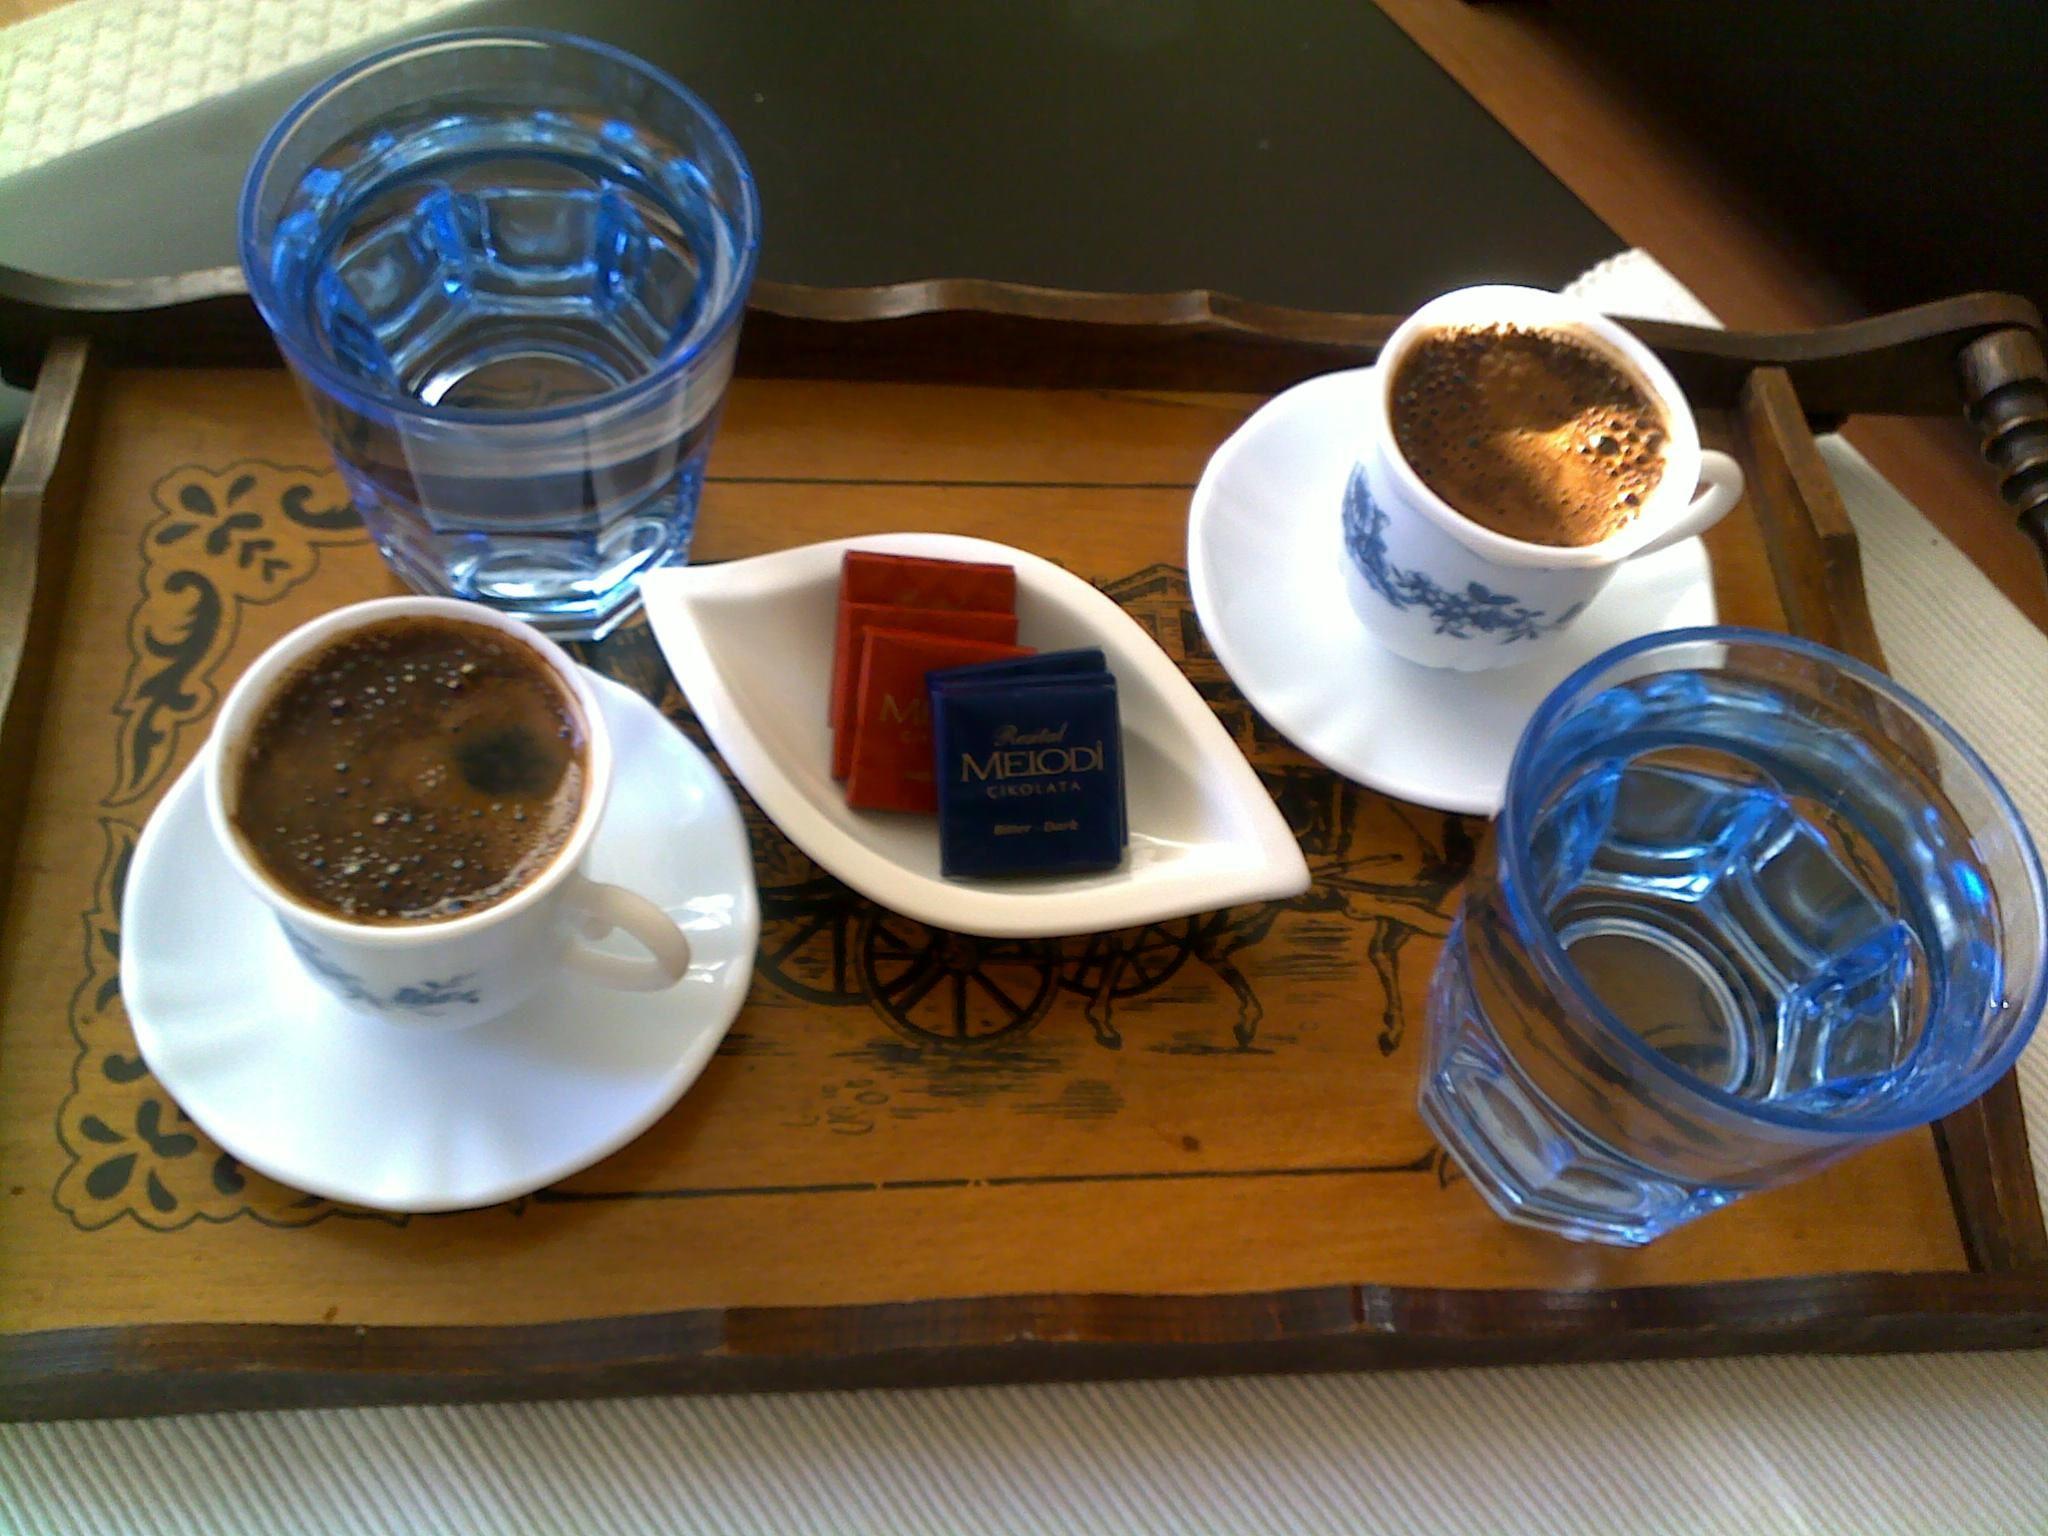 # günün kahvesi